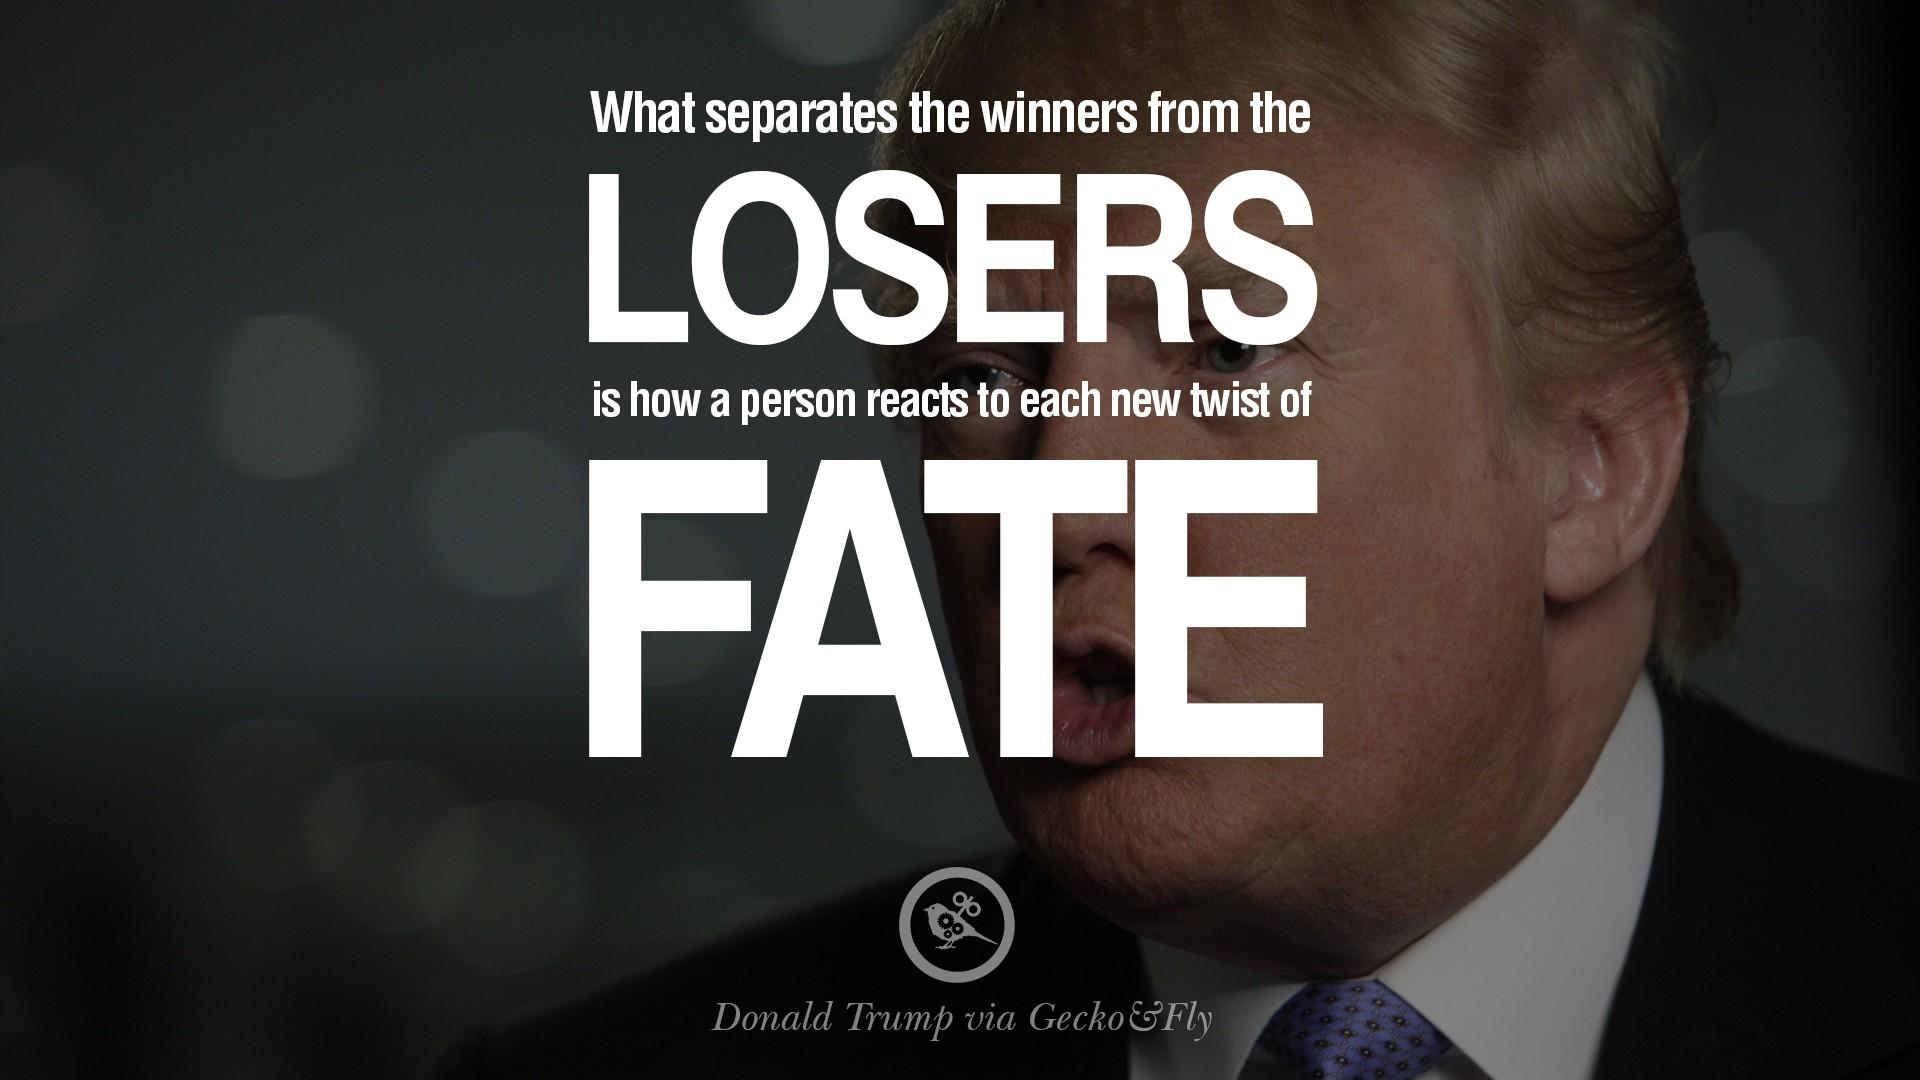 Unduh 87 Wallpaper Tumblr Loser HD Terbaik